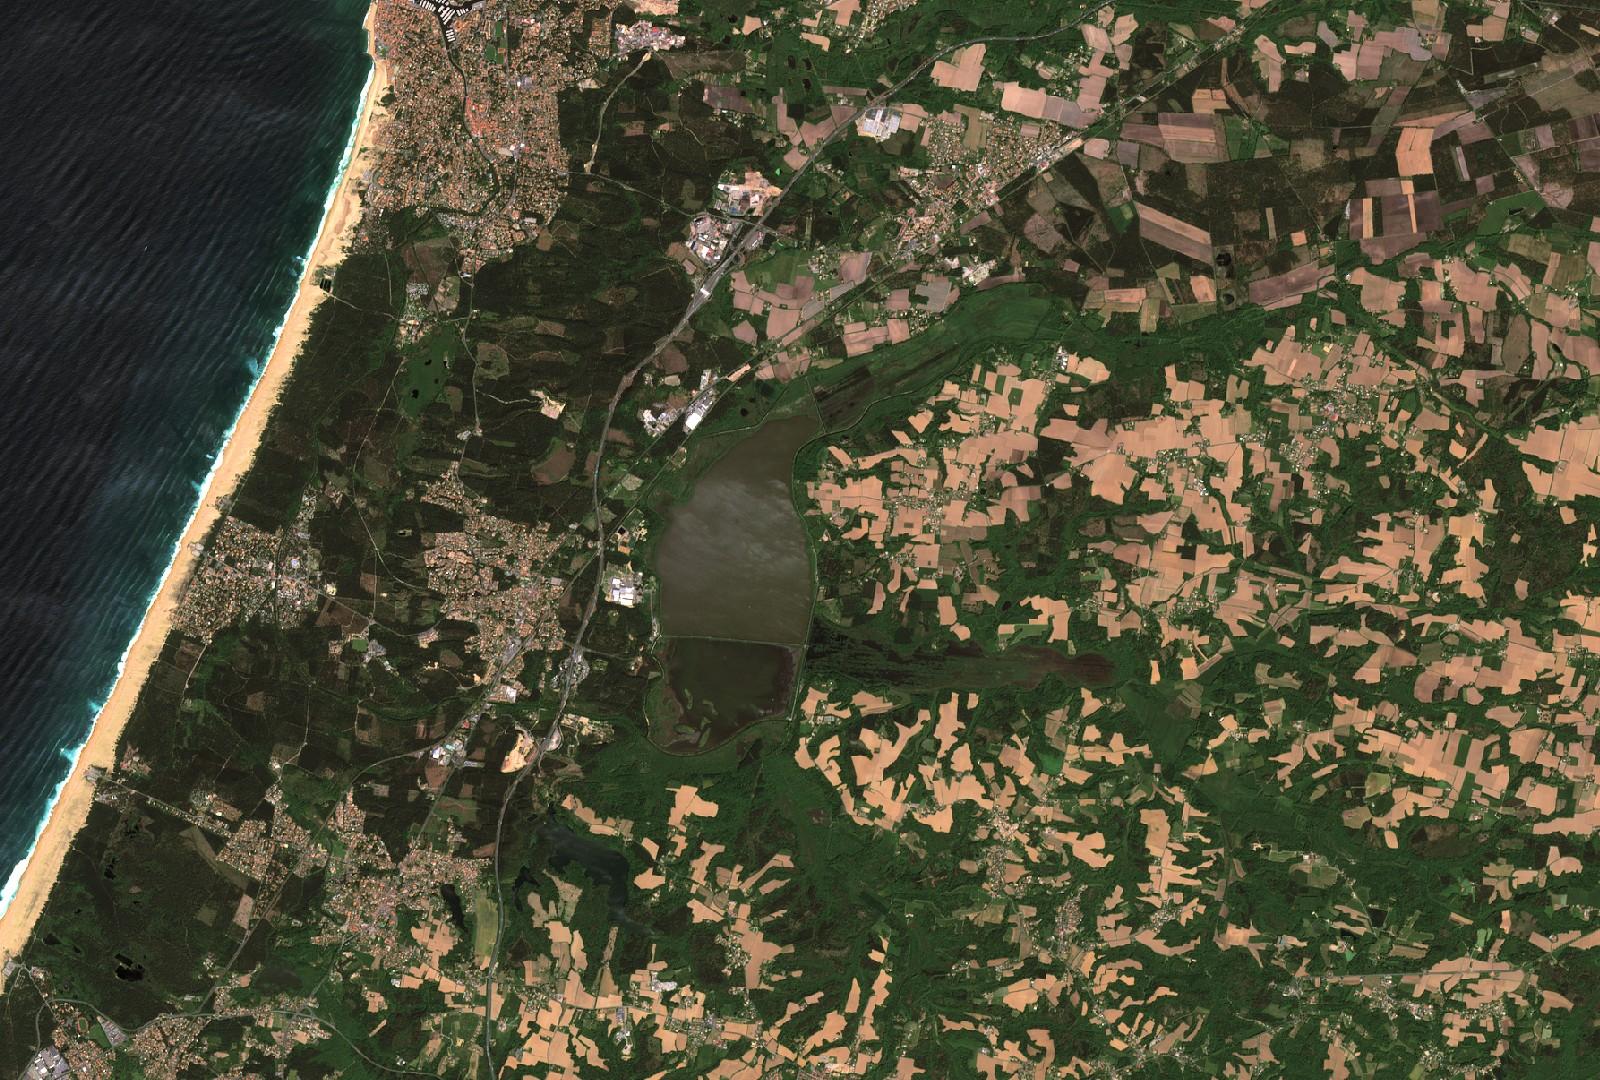 Un autre regard sur la Terre - Satellite et environnement - Observation de la Terre - Earth Observation - Sentinel-2 - ESA - Quiz image - Un indice